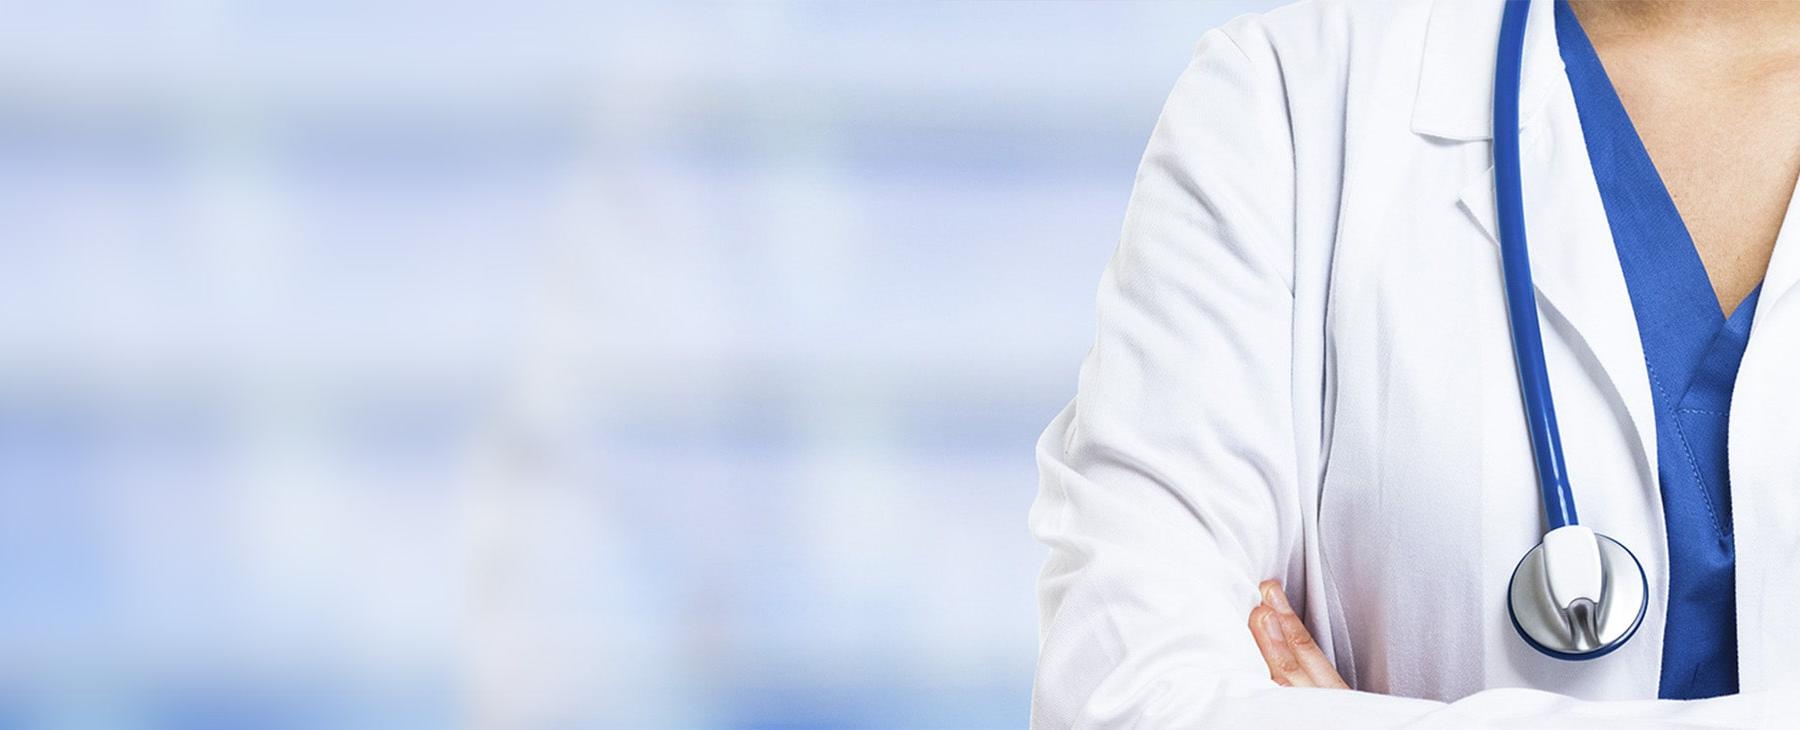 Превью - Найдите врача в своем городе